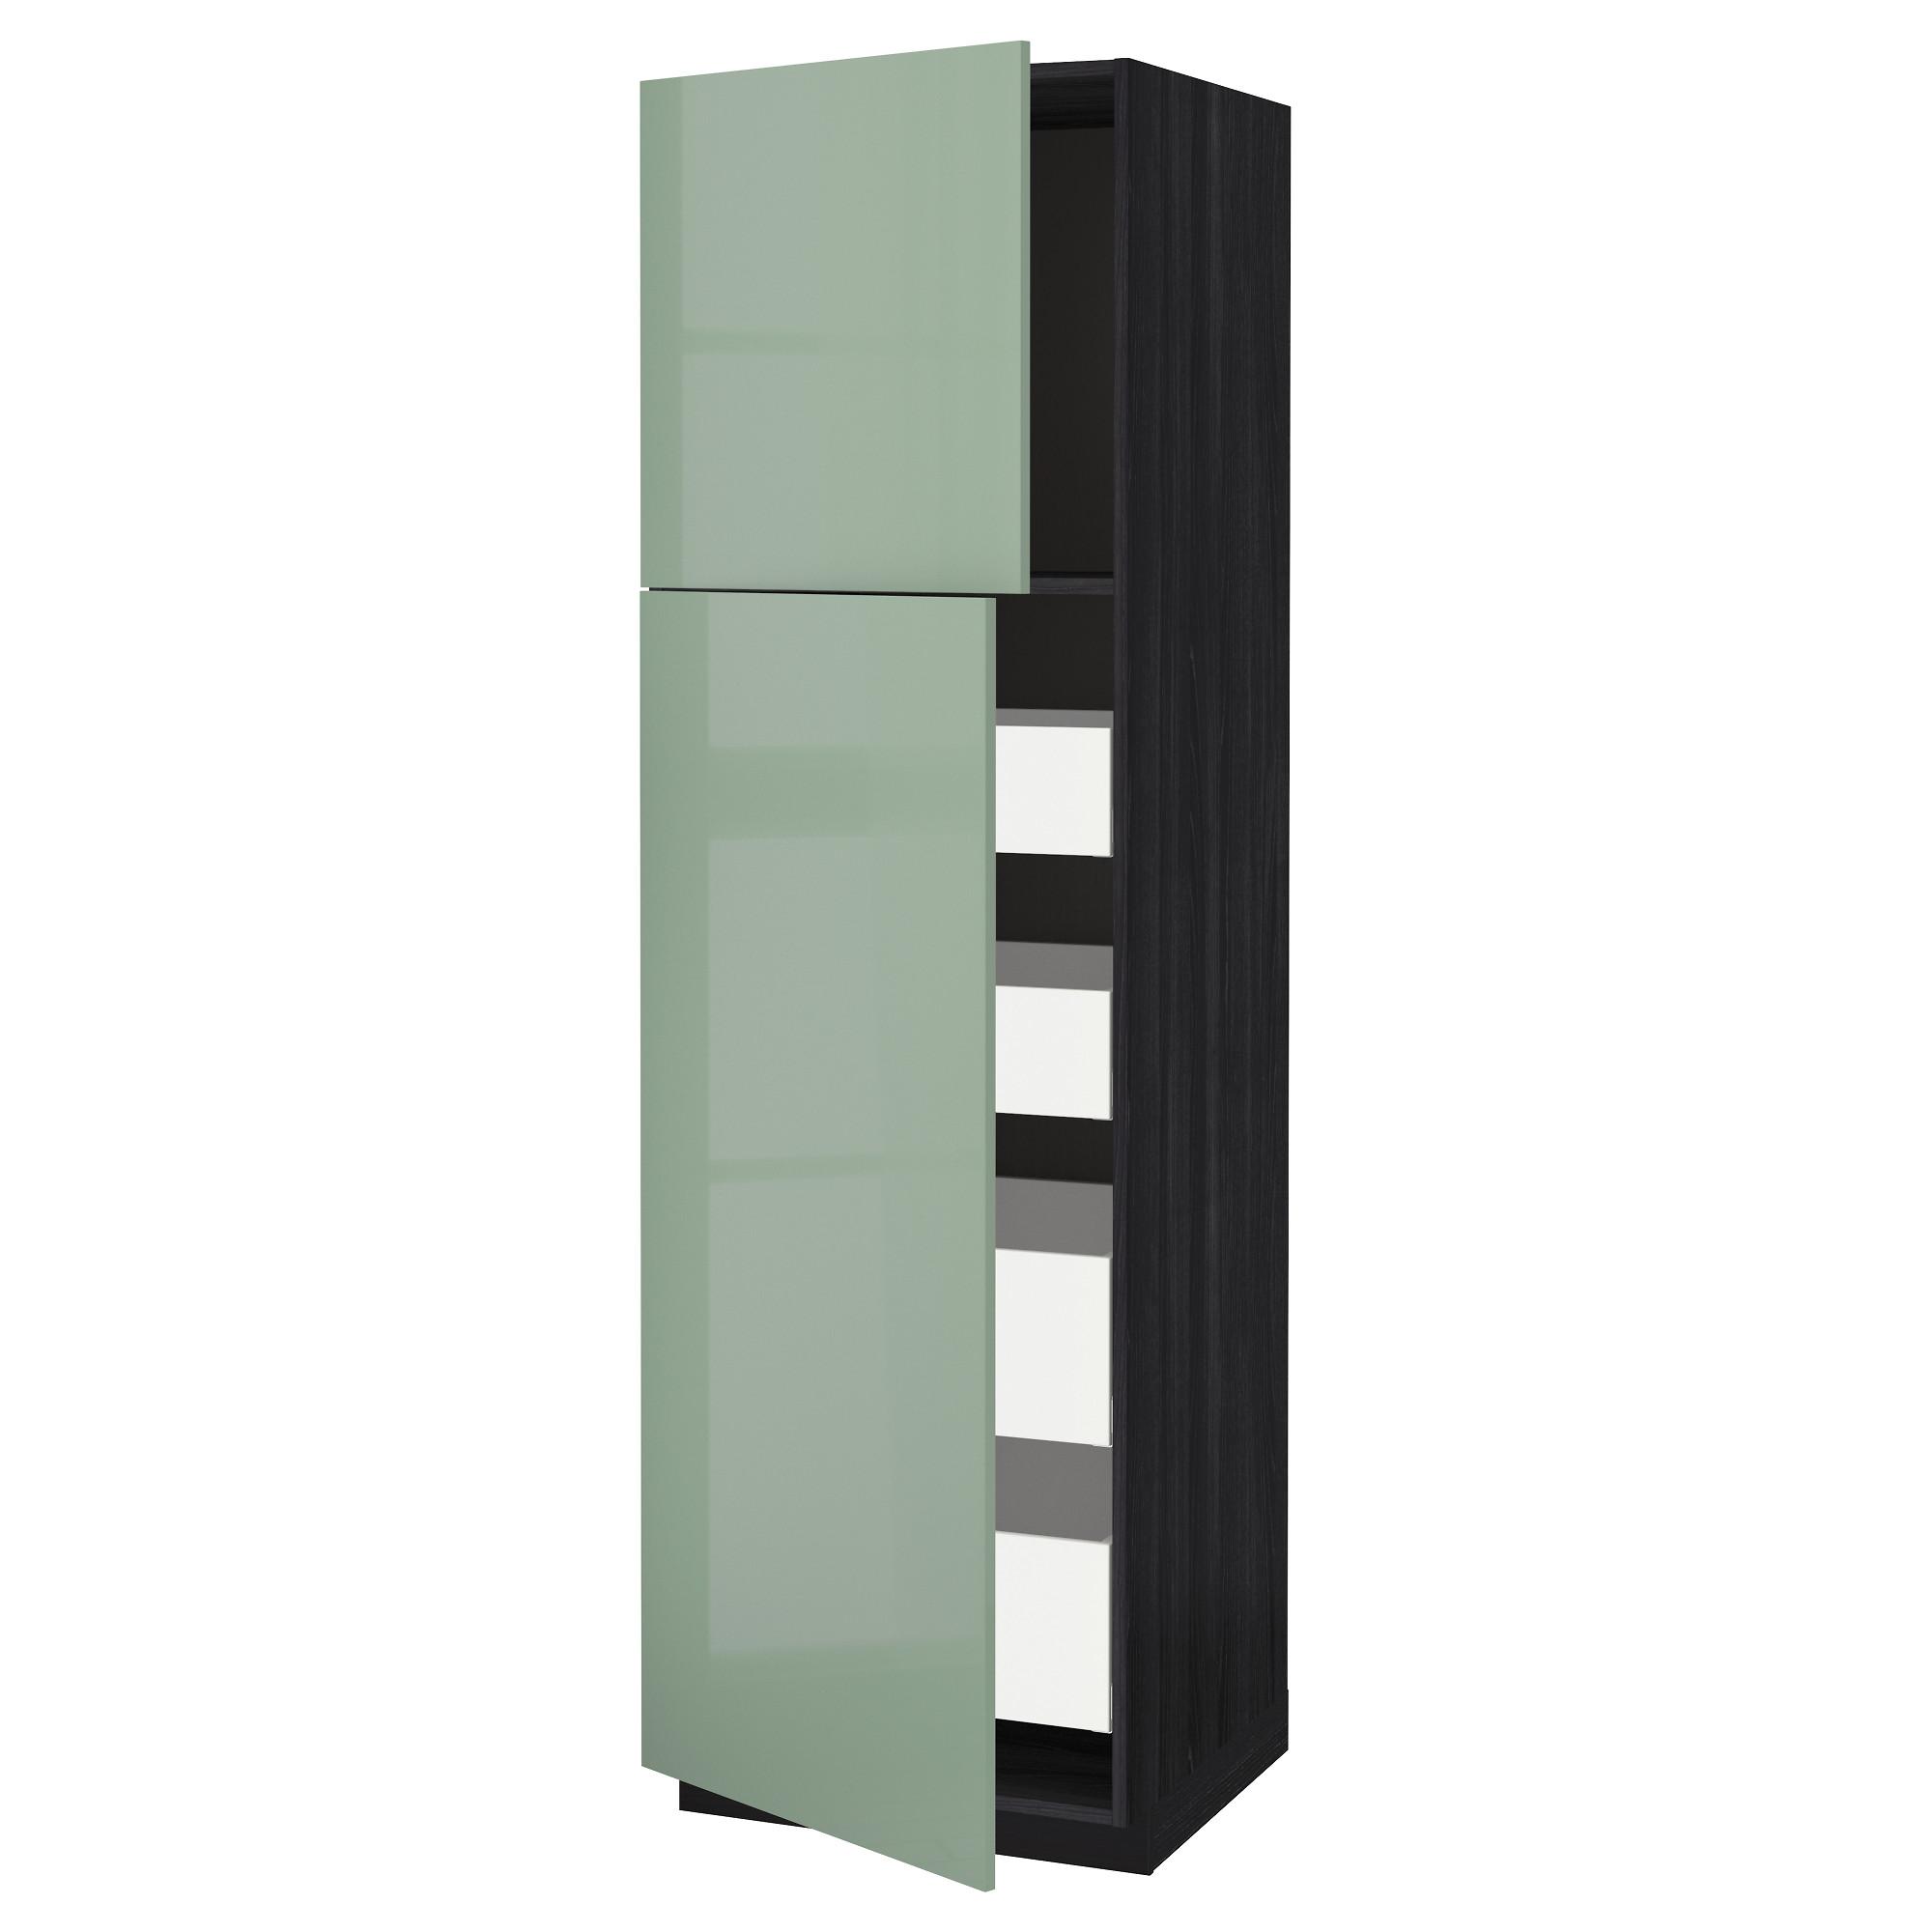 Высокий шкаф/2дверцы/4ящика МЕТОД / МАКСИМЕРА черный артикуль № 192.460.78 в наличии. Интернет магазин IKEA РБ. Быстрая доставка и установка.